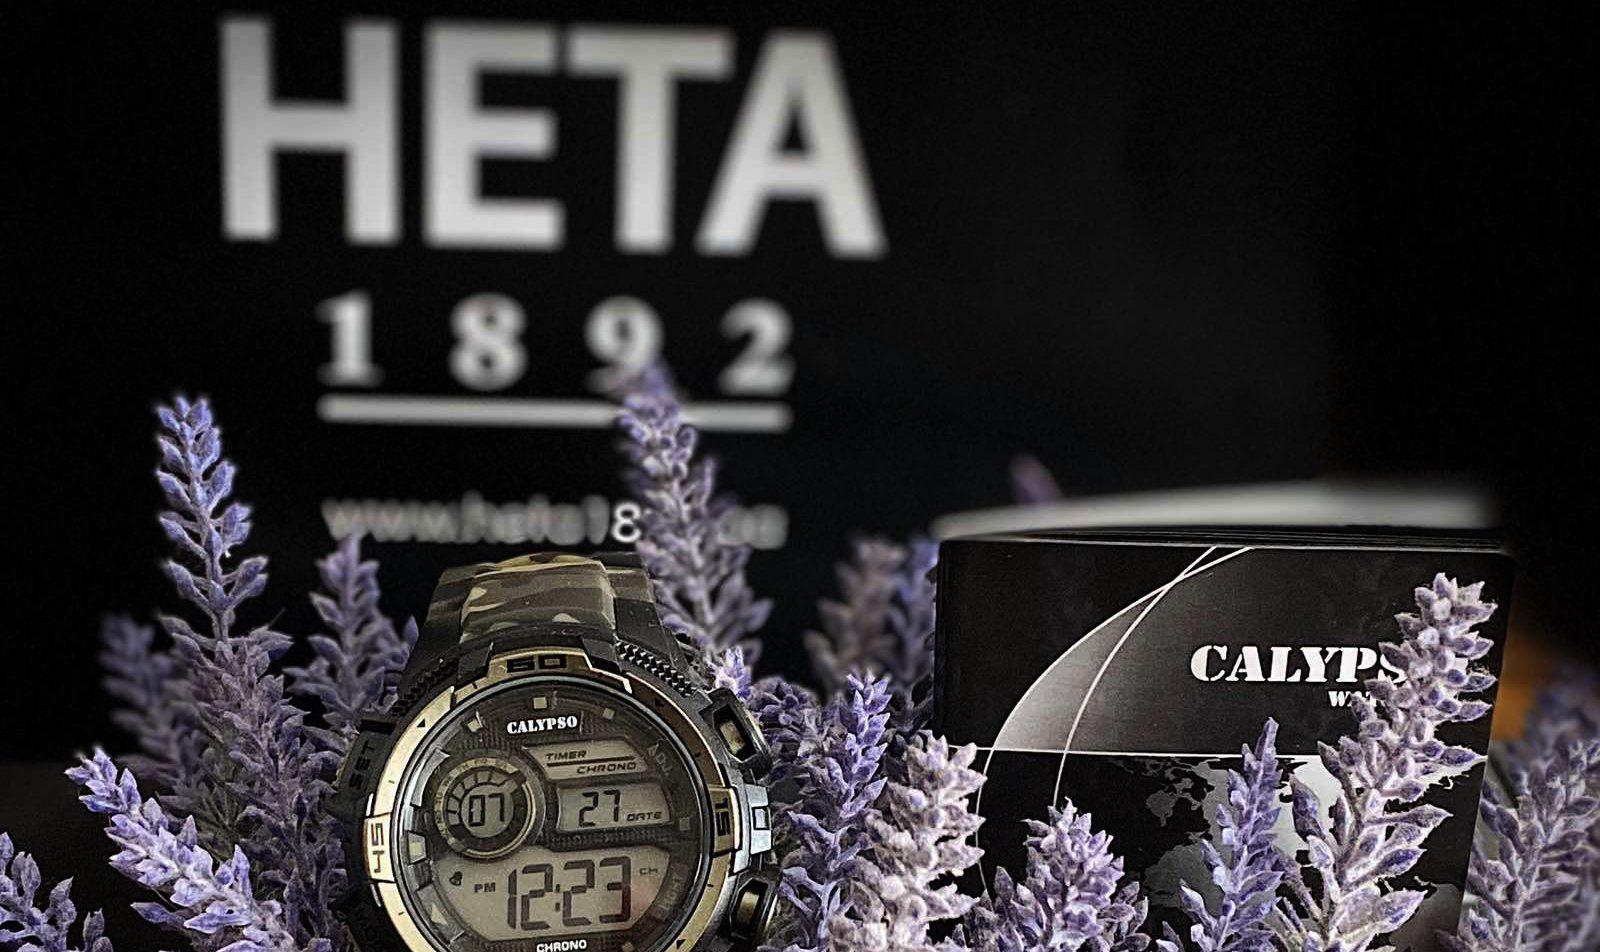 HETA 1892 Vas nagrađuje i poklanja sat Calypso!